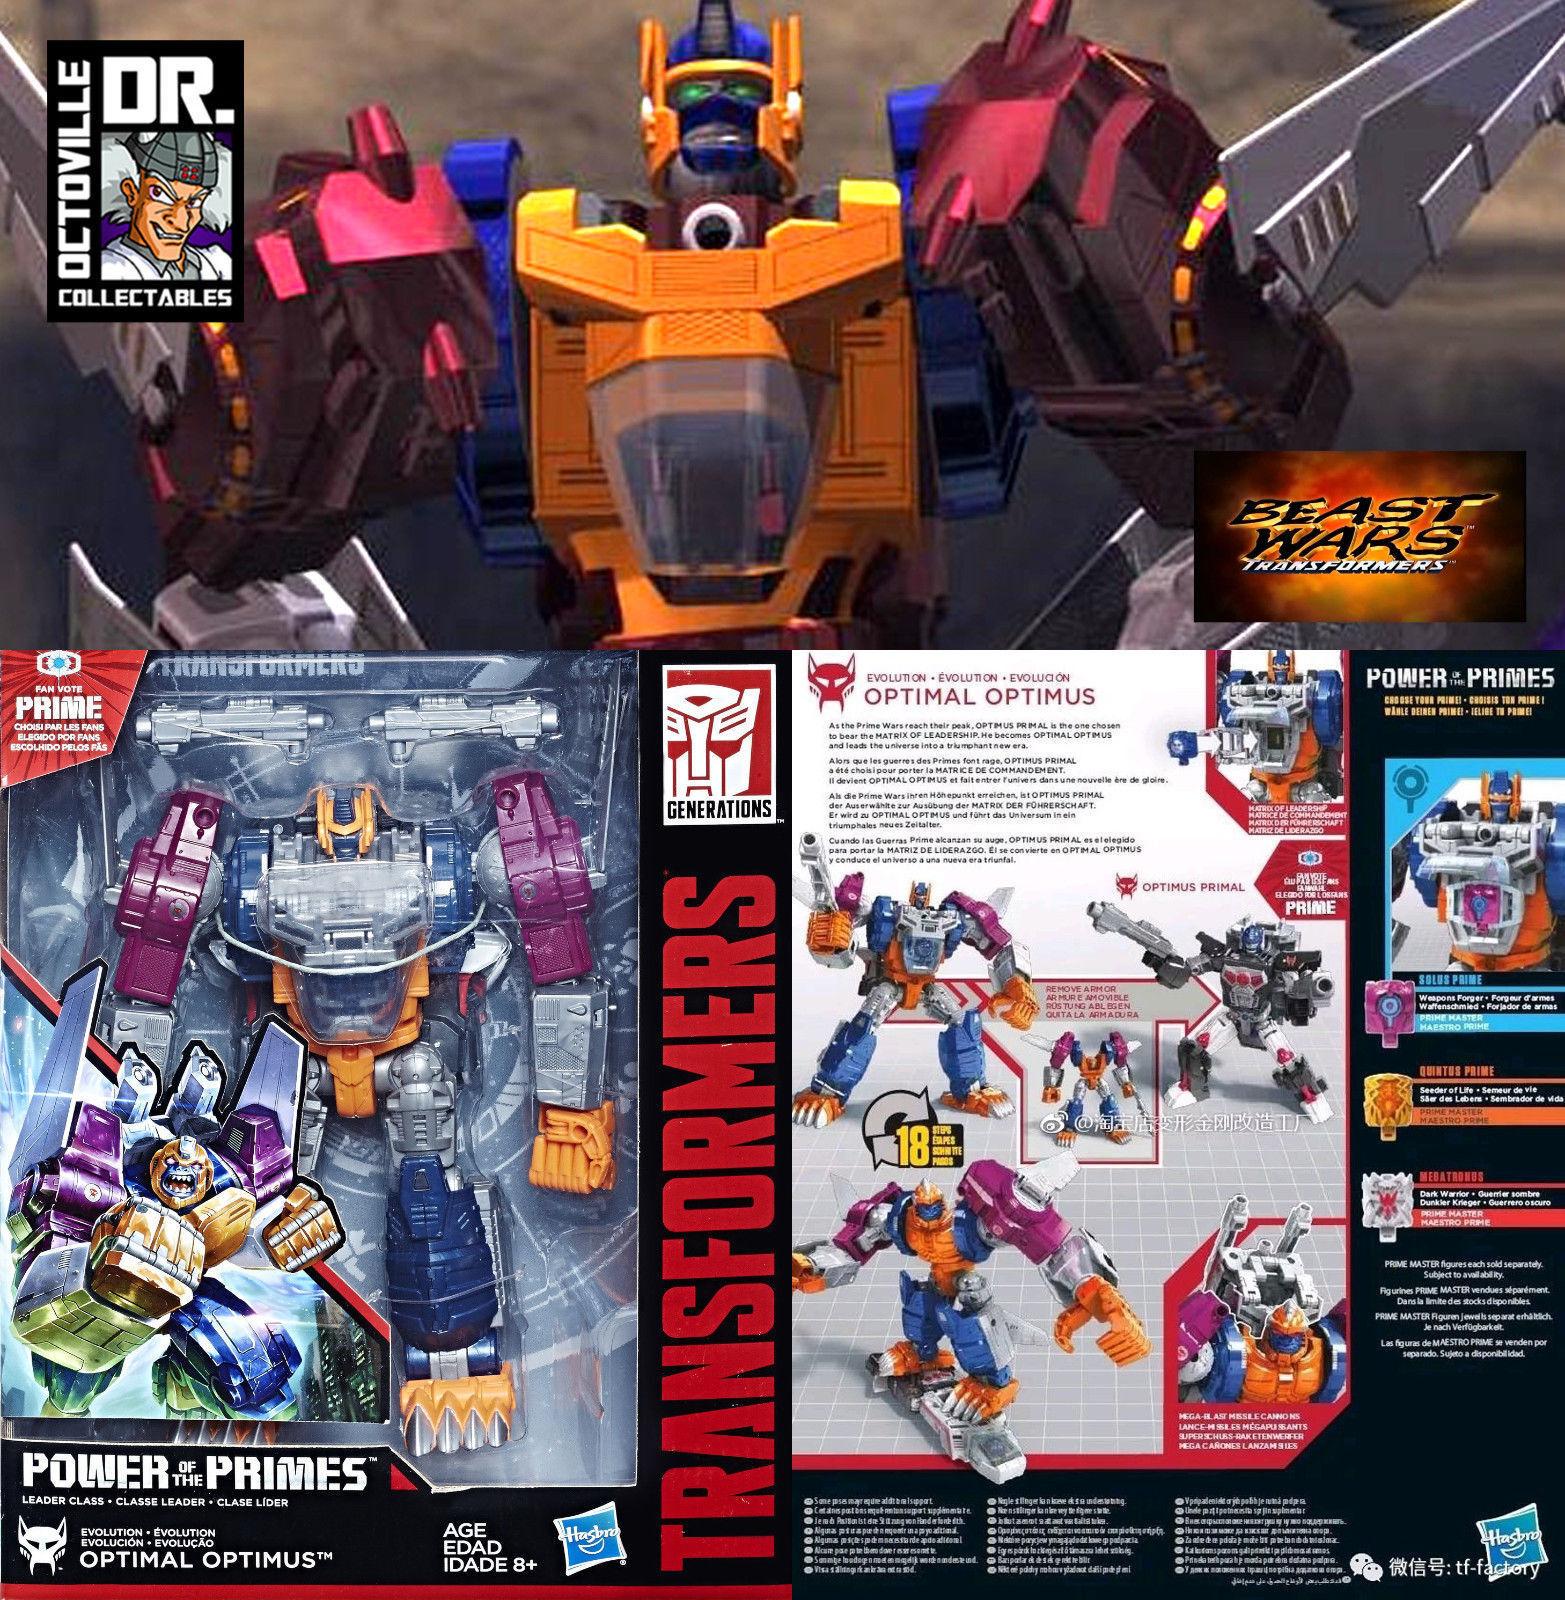 Auténtico de Transformers Beast Wars poder del modelo PRIMES líder Optimus Prime Nuevo